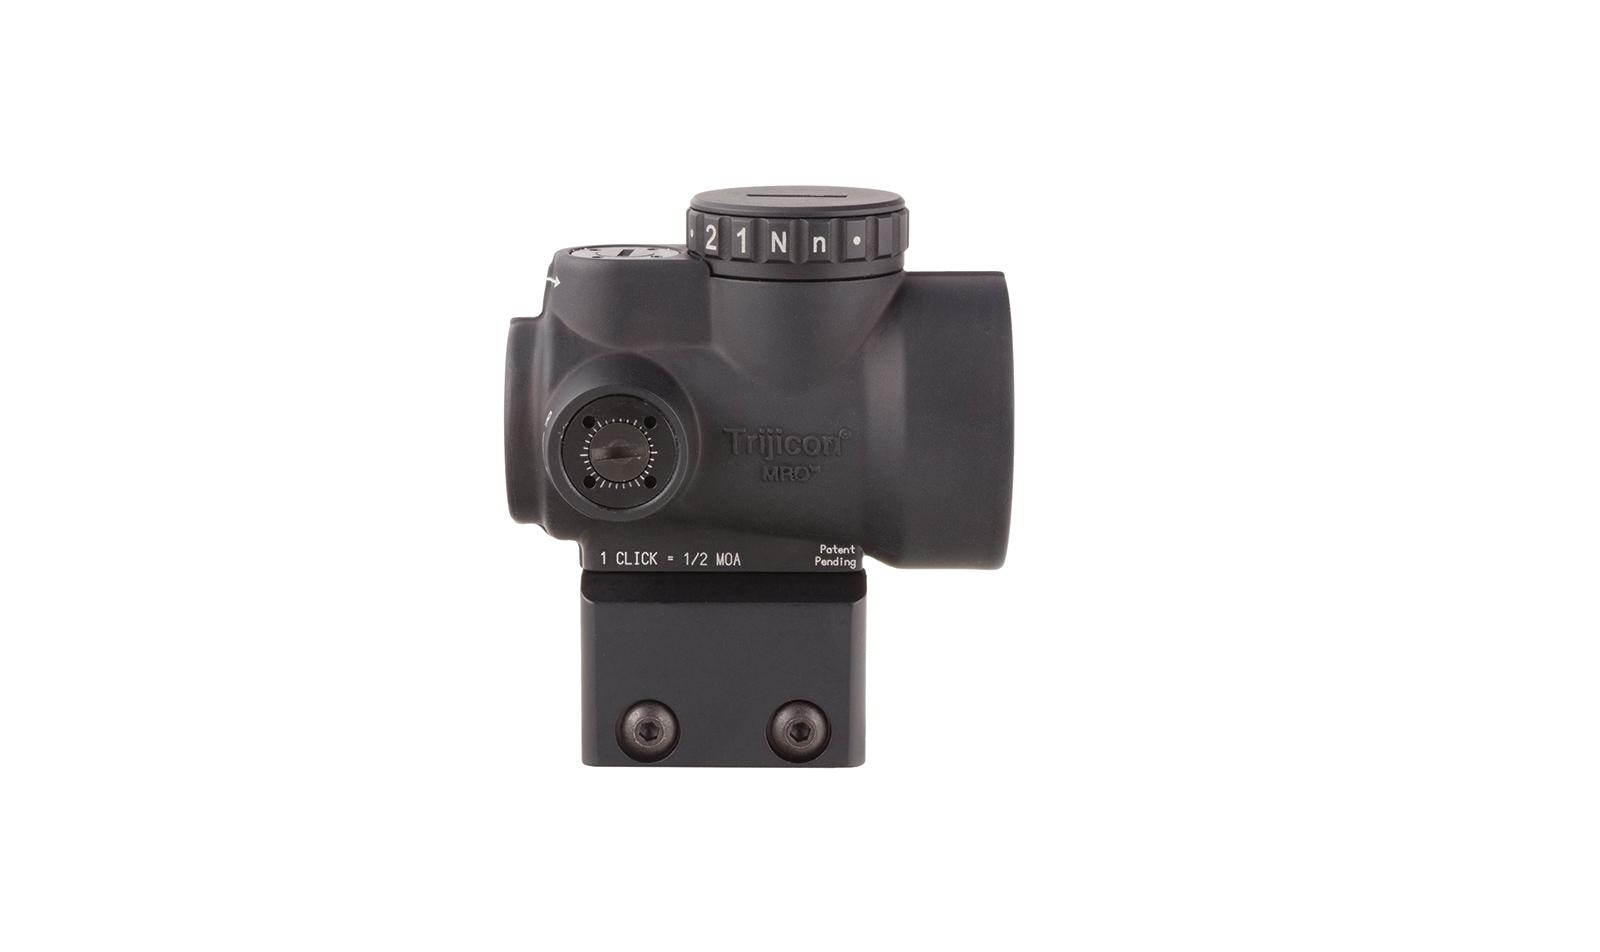 MRO-C-2200030 angle 6